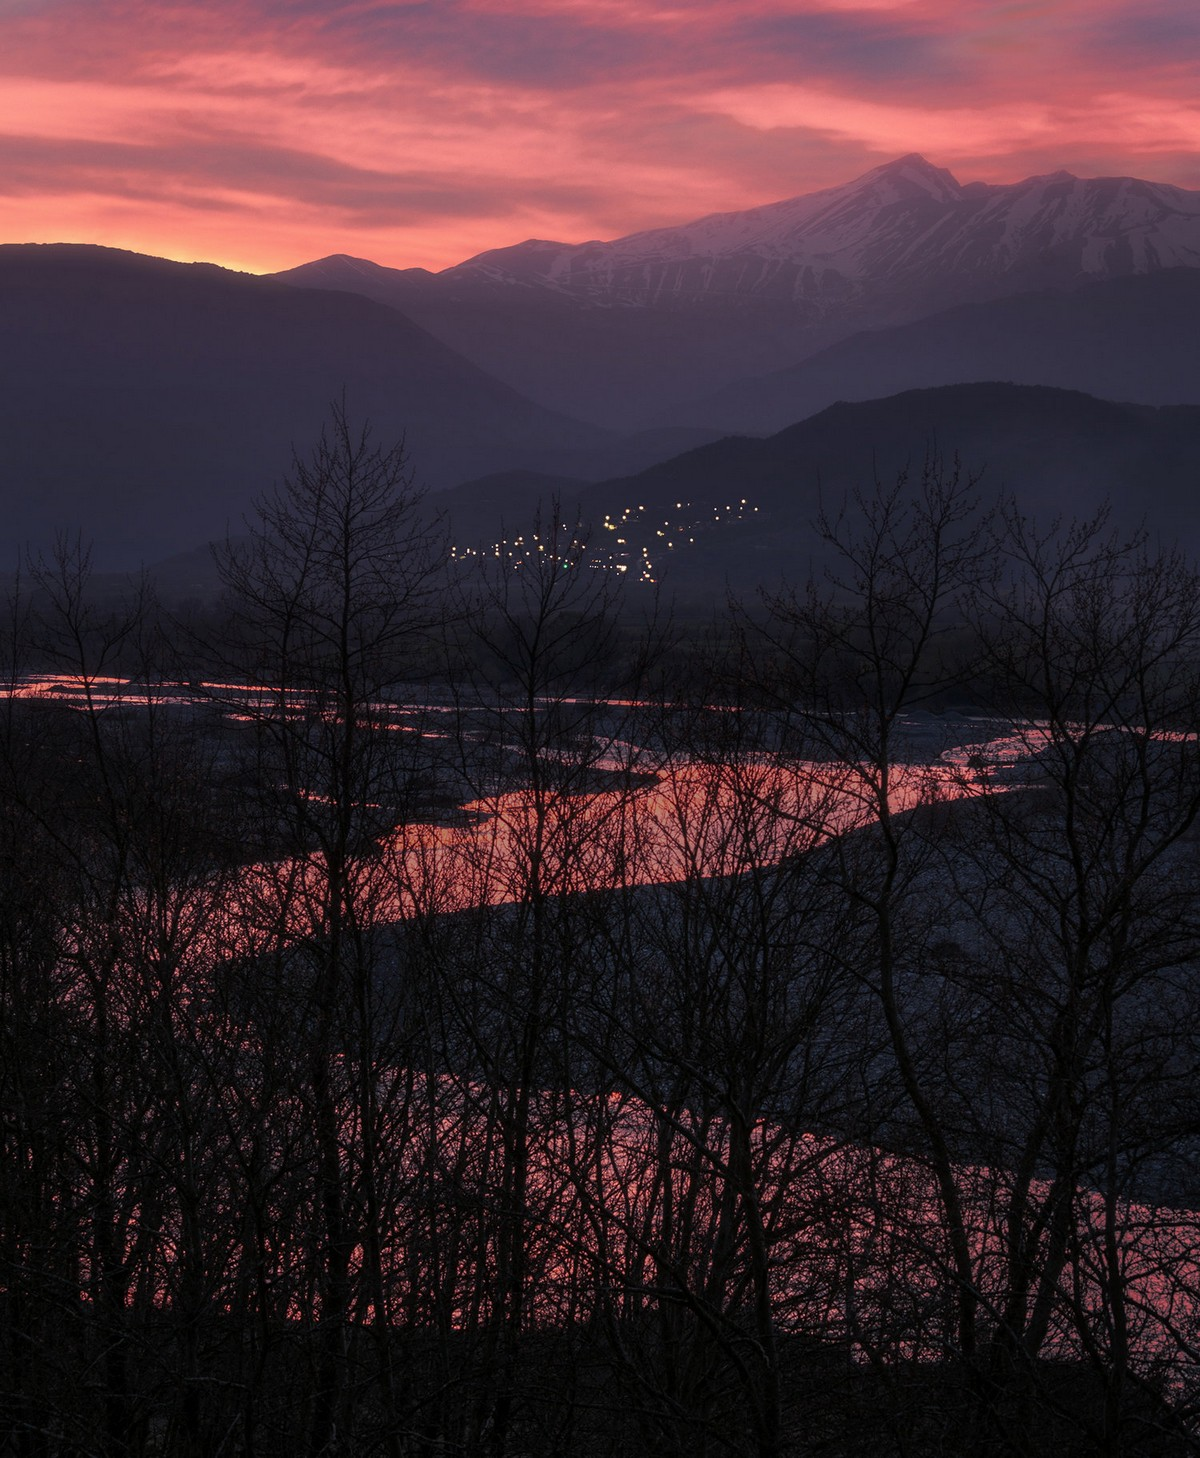 Красивые пейзажные снимки греческого фотографа природа